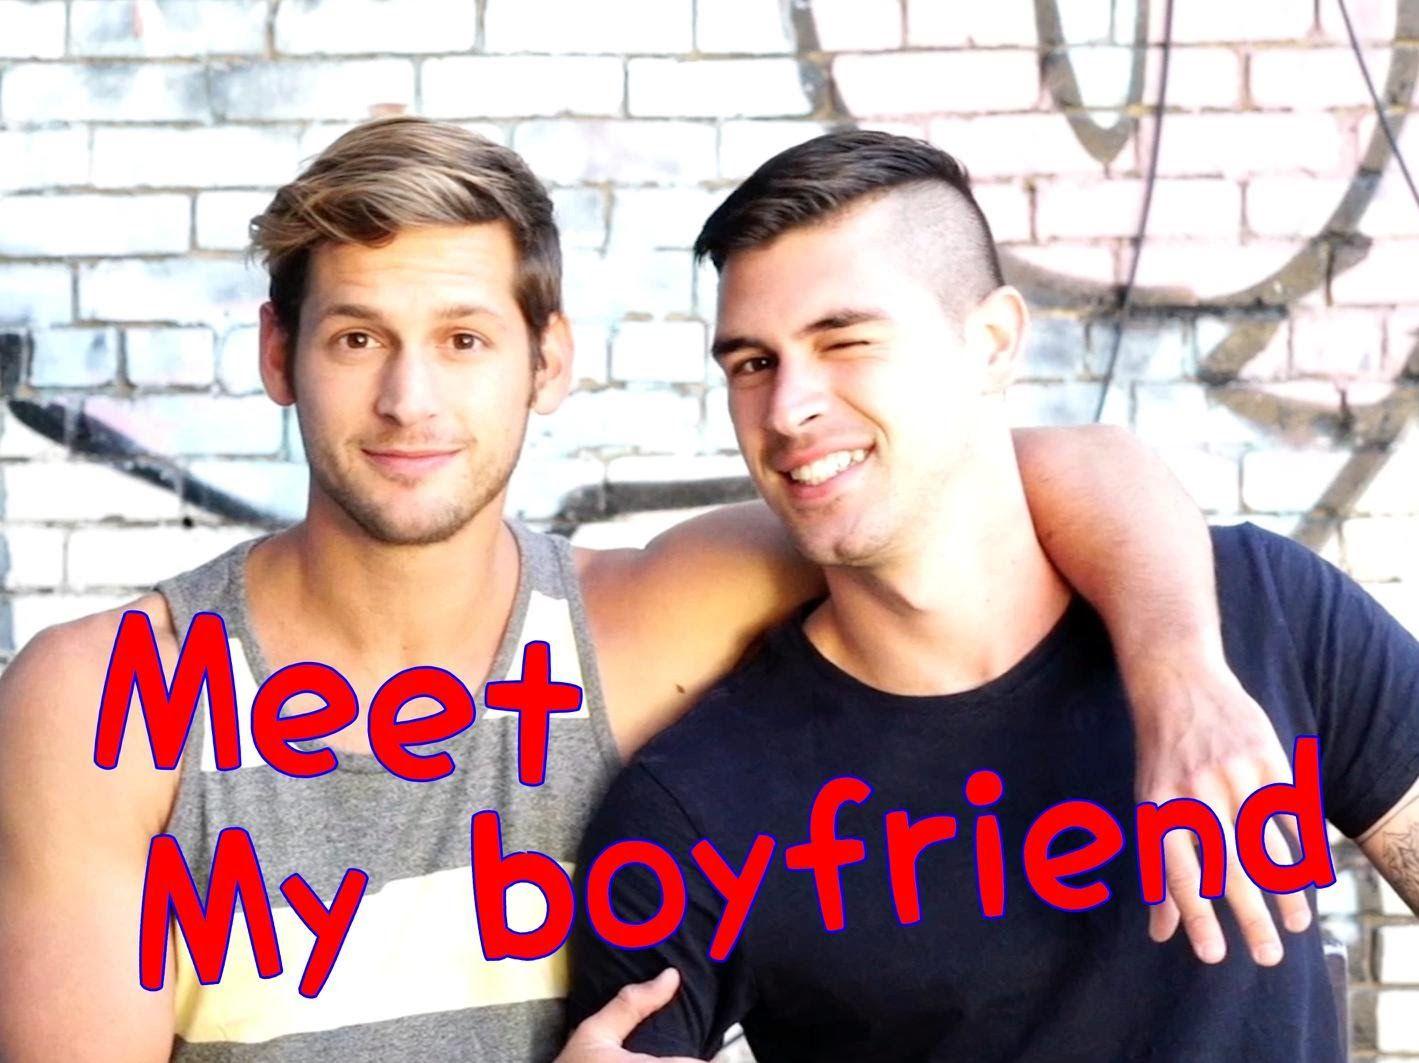 is my bokyfrieng gay quiz jpg 1152x768